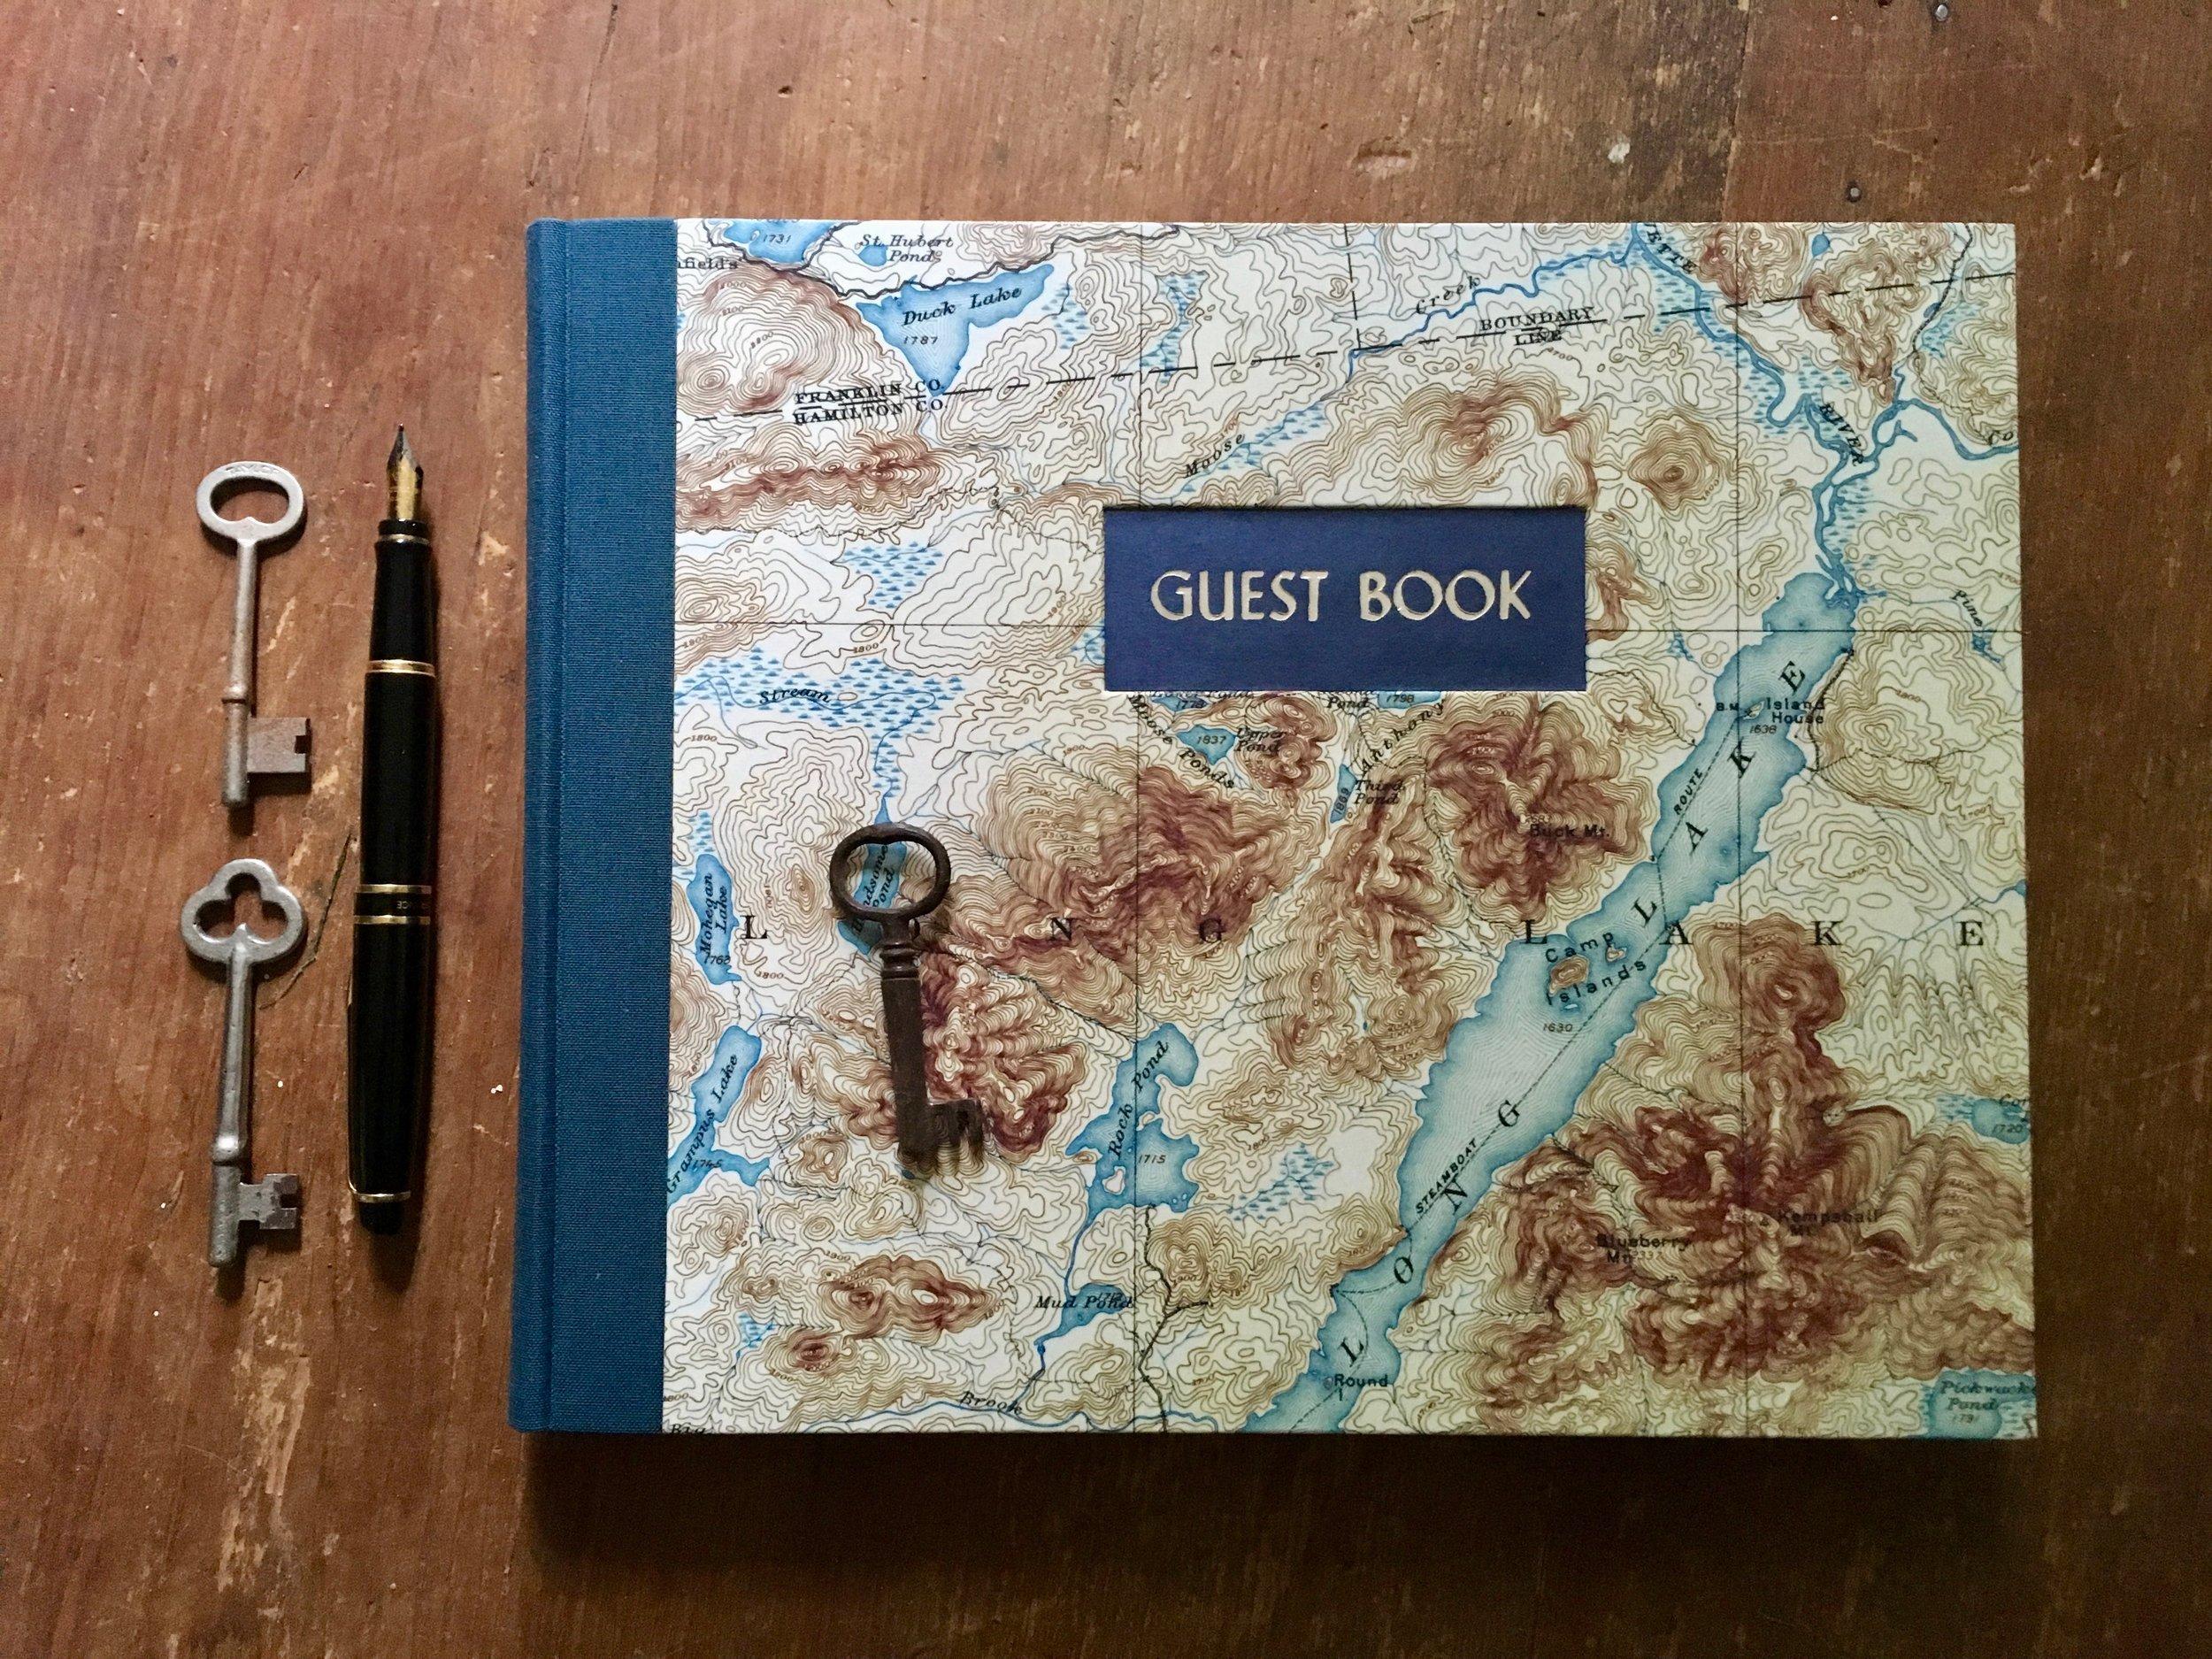 dski-large-guest-book-1.jpg